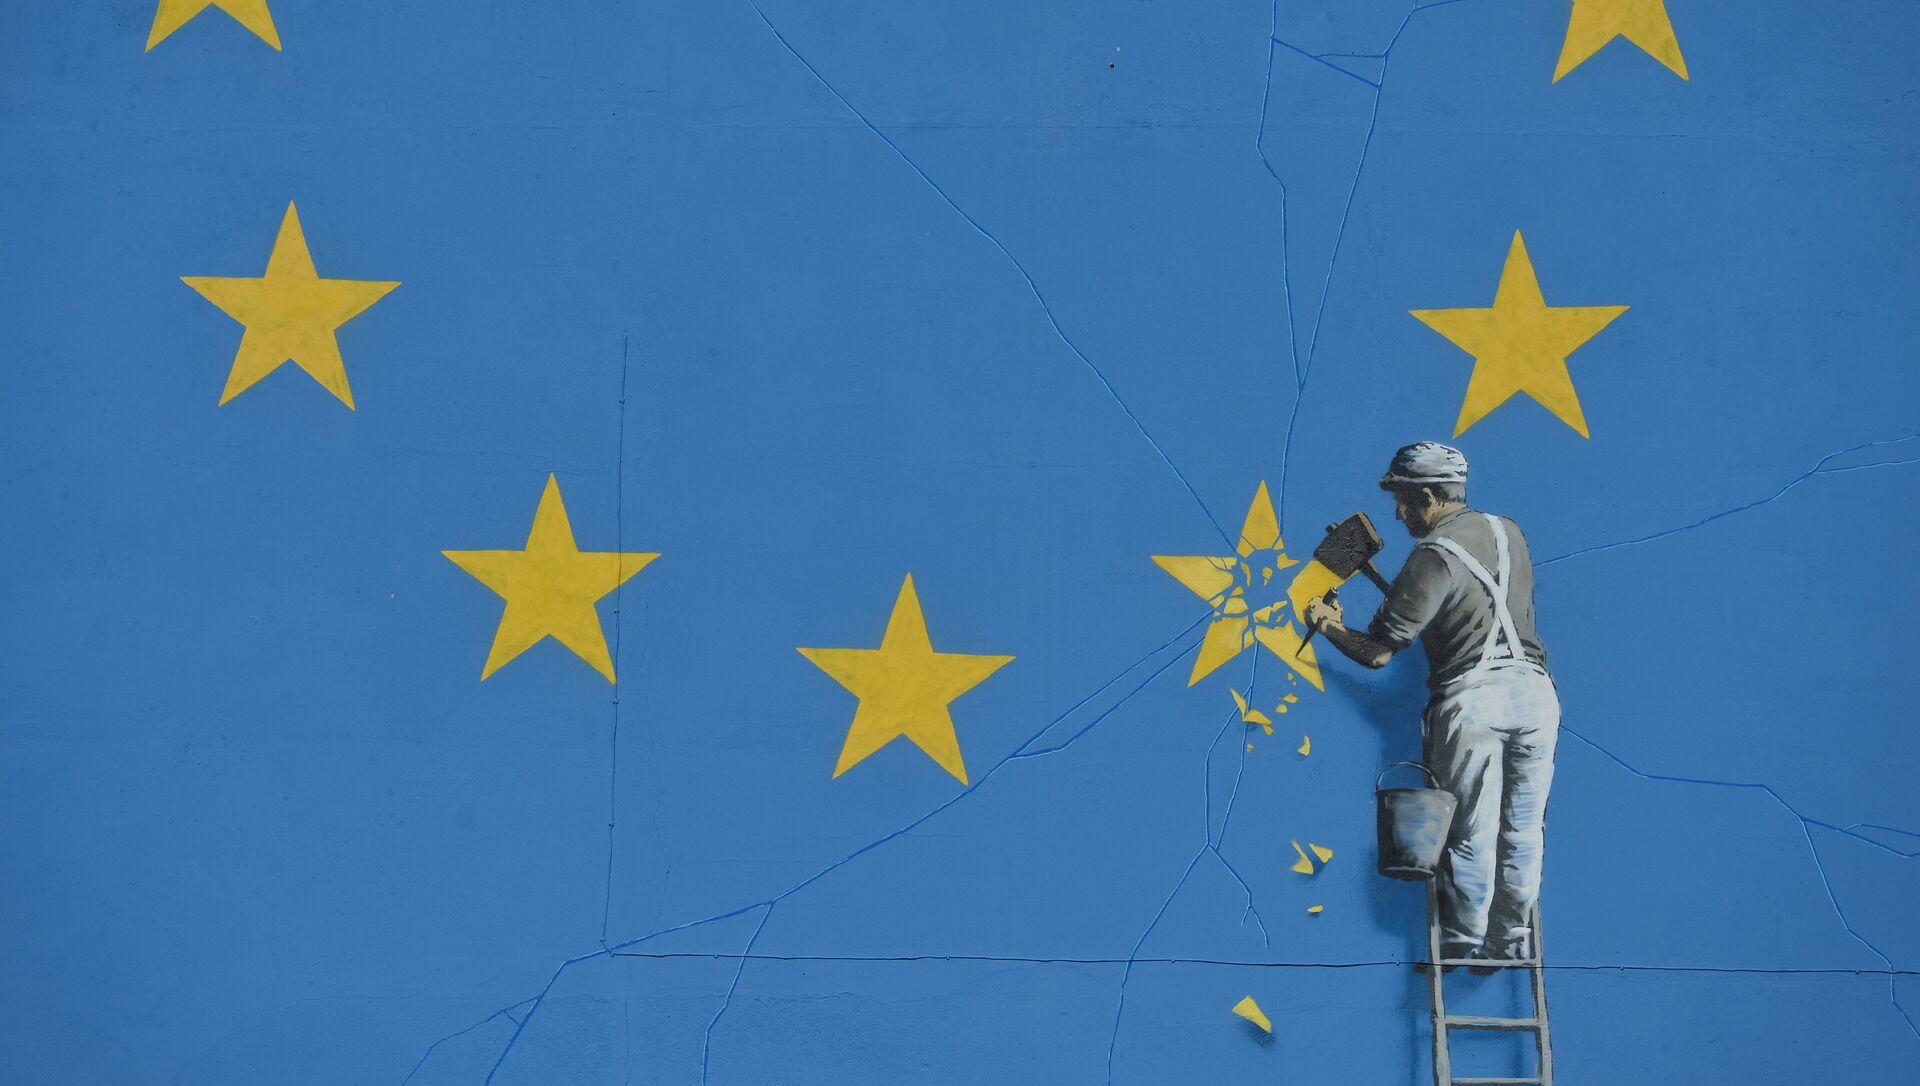 Graffiti de Banksy con la bandera rota de la UE - Sputnik Mundo, 1920, 18.11.2020